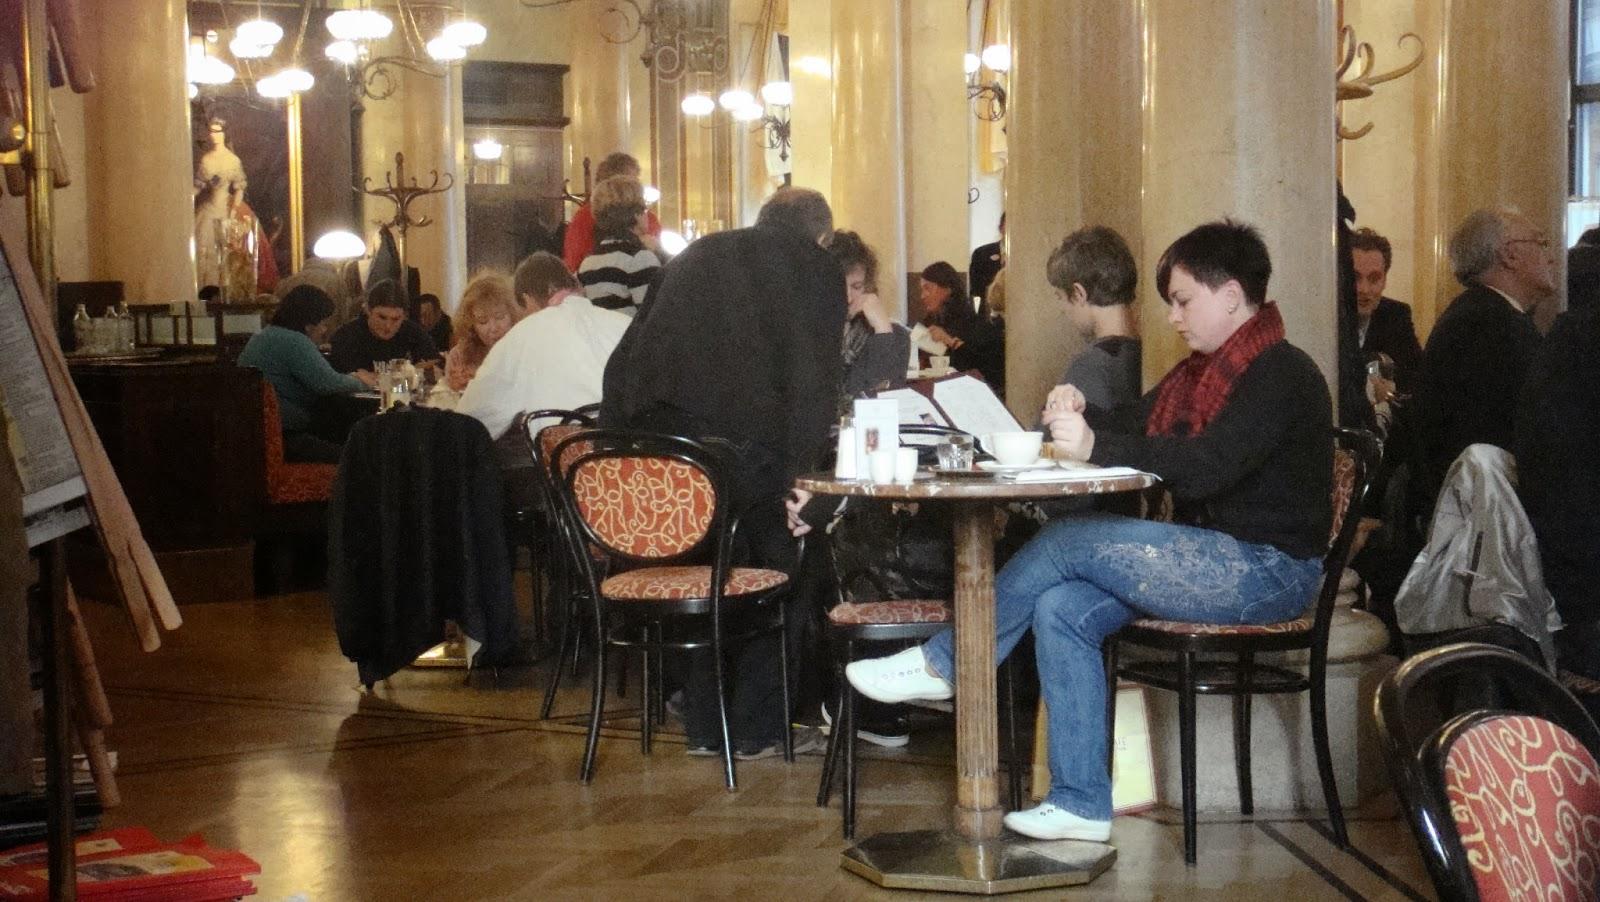 Café Central, Viena, Austria, Elisa N, Blog de Viajes, Lifestyle, Travel